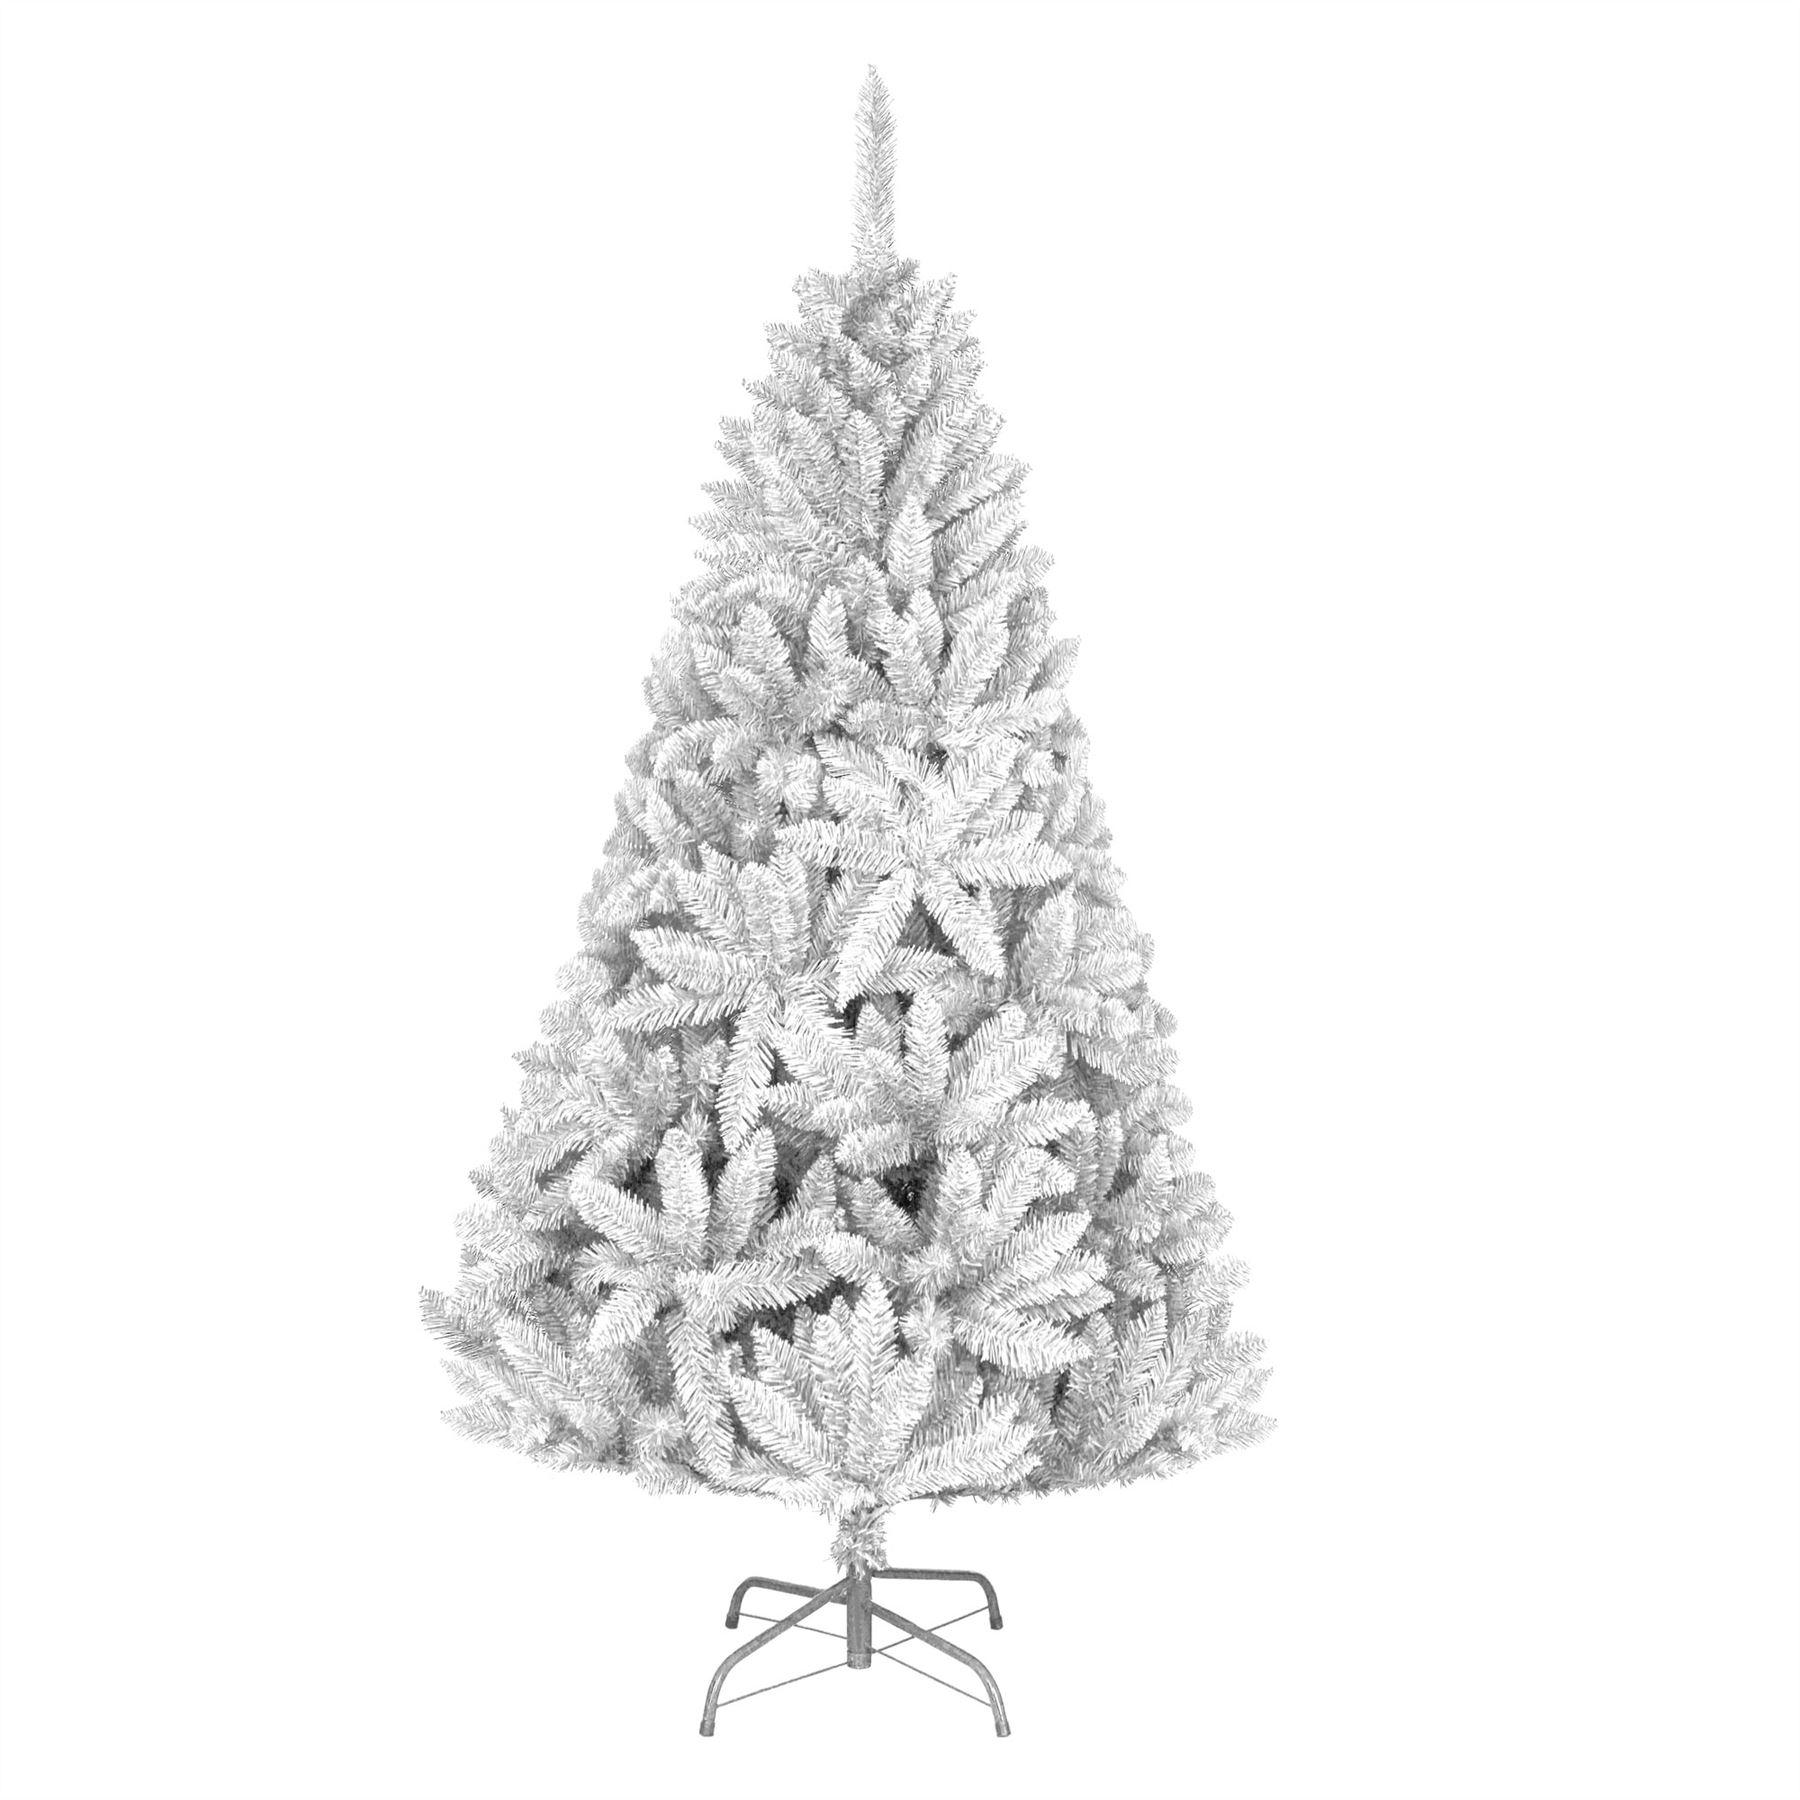 Cespuglioso-Biancaneve-Albero-Di-Natale-Natale-Decorazioni-Casa-Arredamento-di-qualita-deluxe miniatura 7